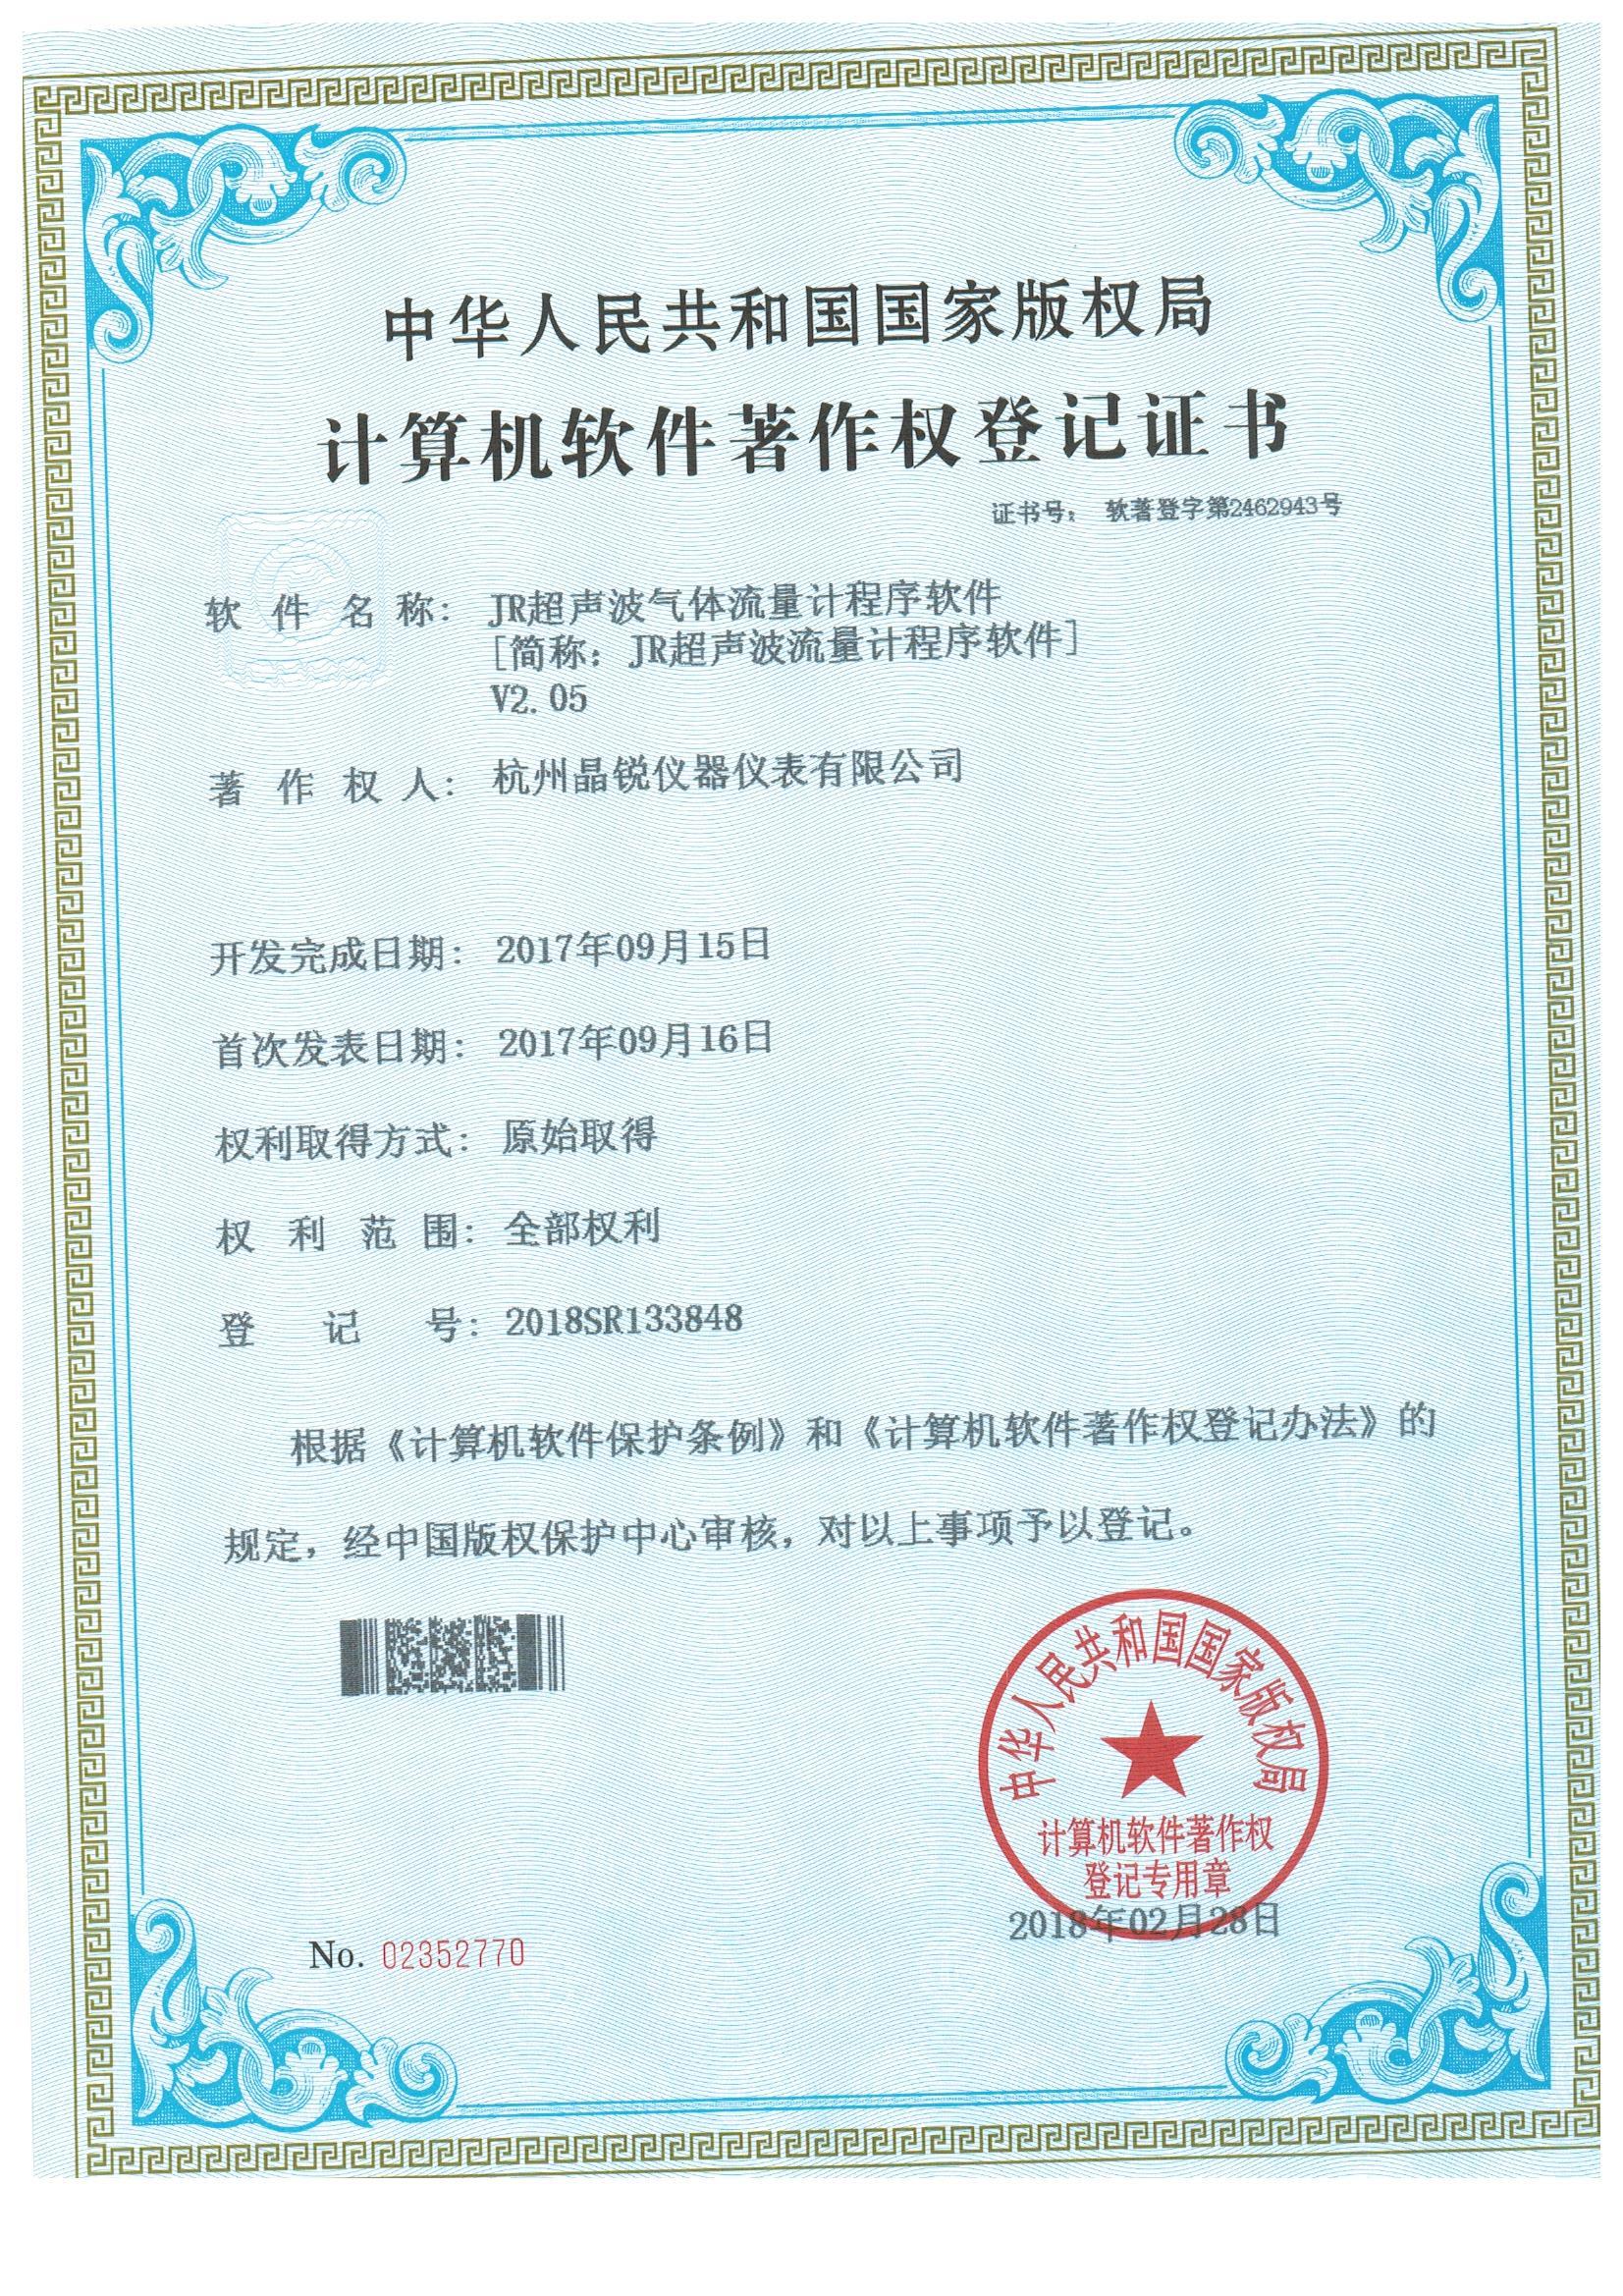 JR-A系列气体超声波流量计标定工具软著证-杭州晶锐仪器仪表有限公司